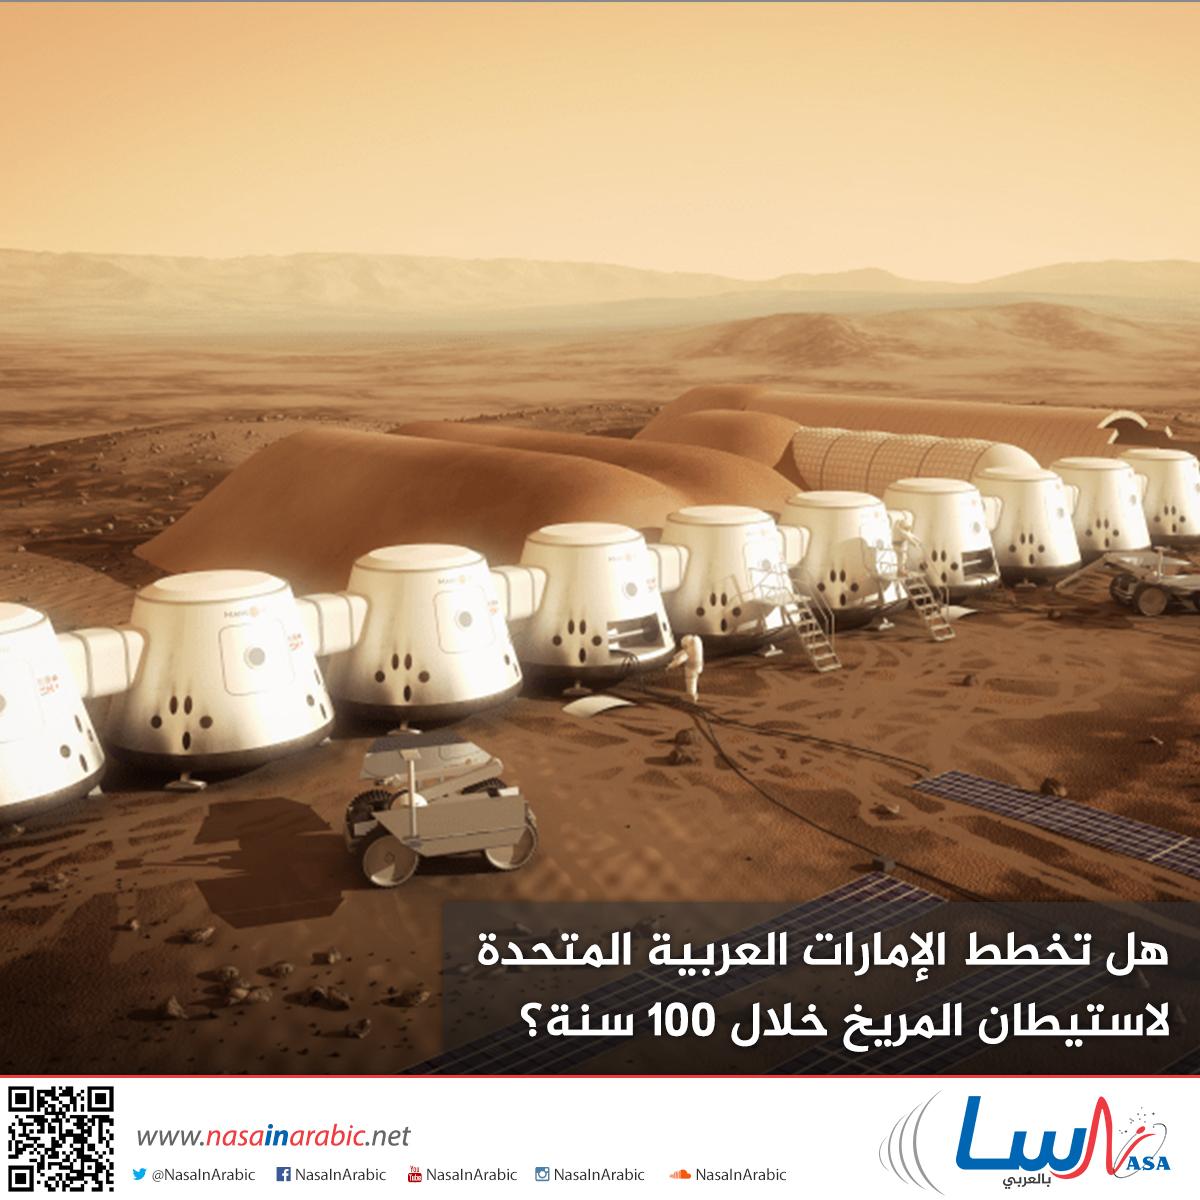 بالفيديو ..  هل تخطط الامارات لبناء لتنفيذ مشاريع سكنية على سطح المريخ خلال 100 عام؟